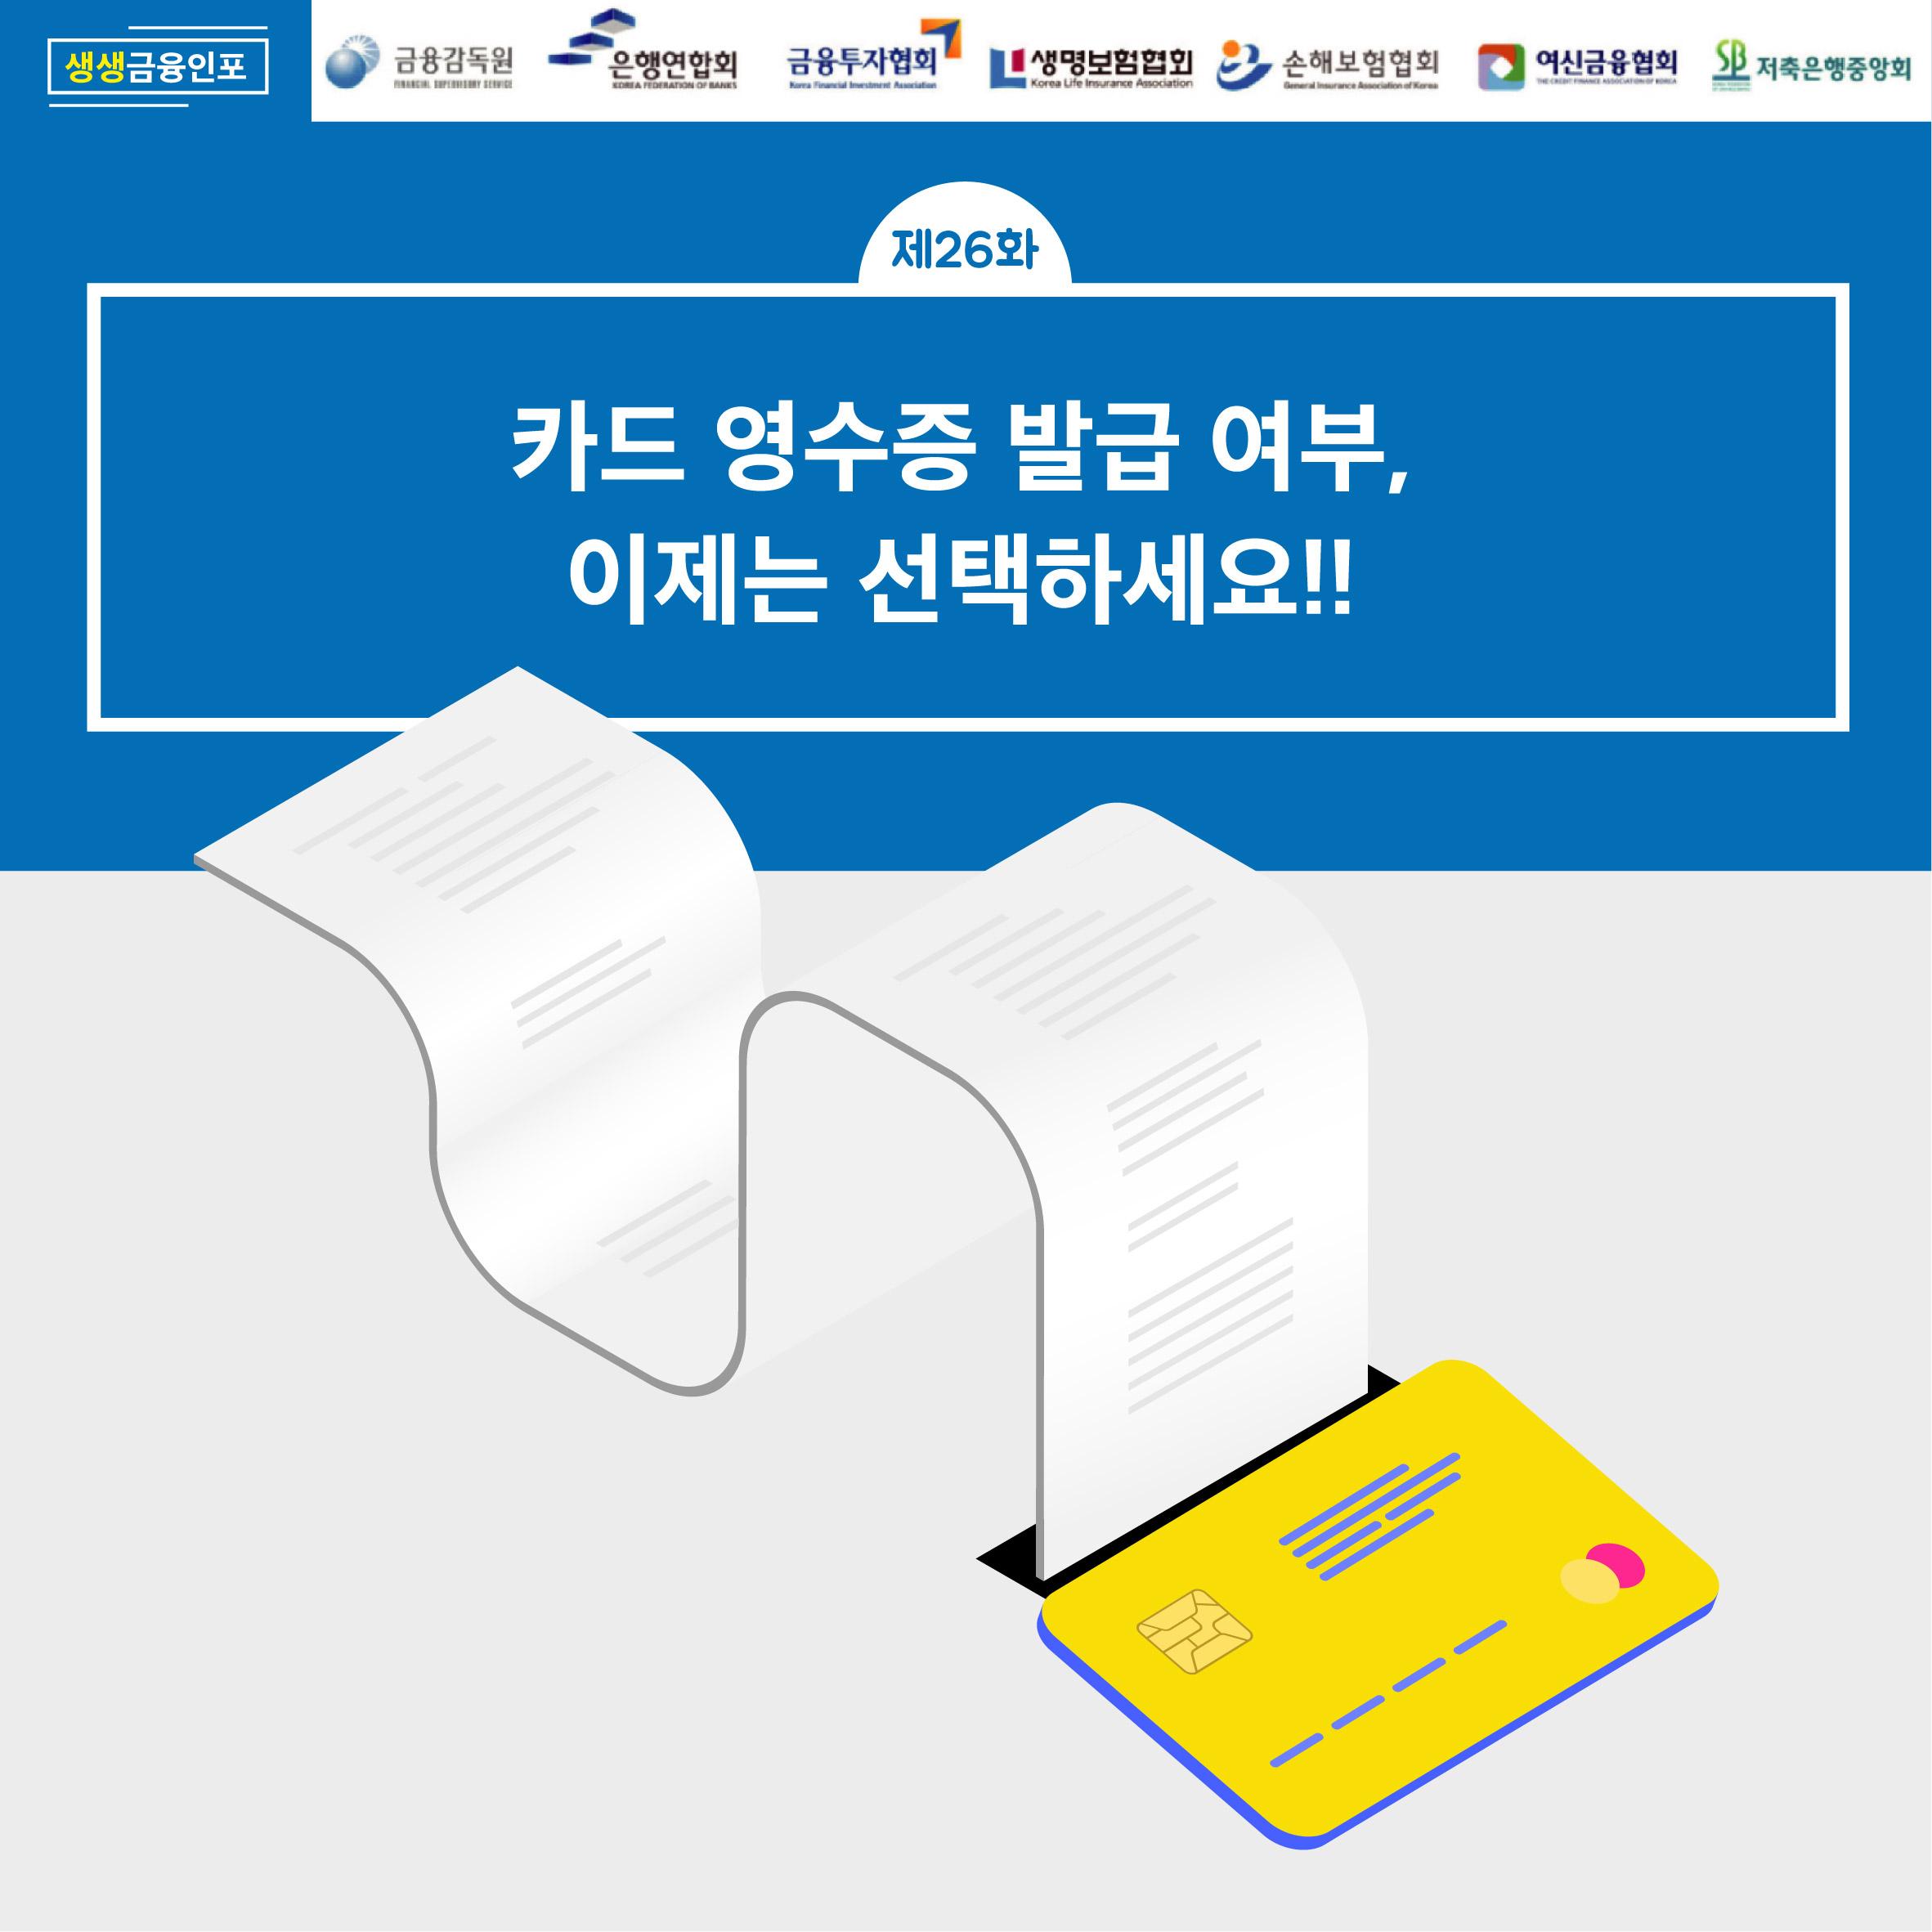 생생금융인포 제26화 : 카드 영수증 발급 여부, 이제는 선택하세요!!